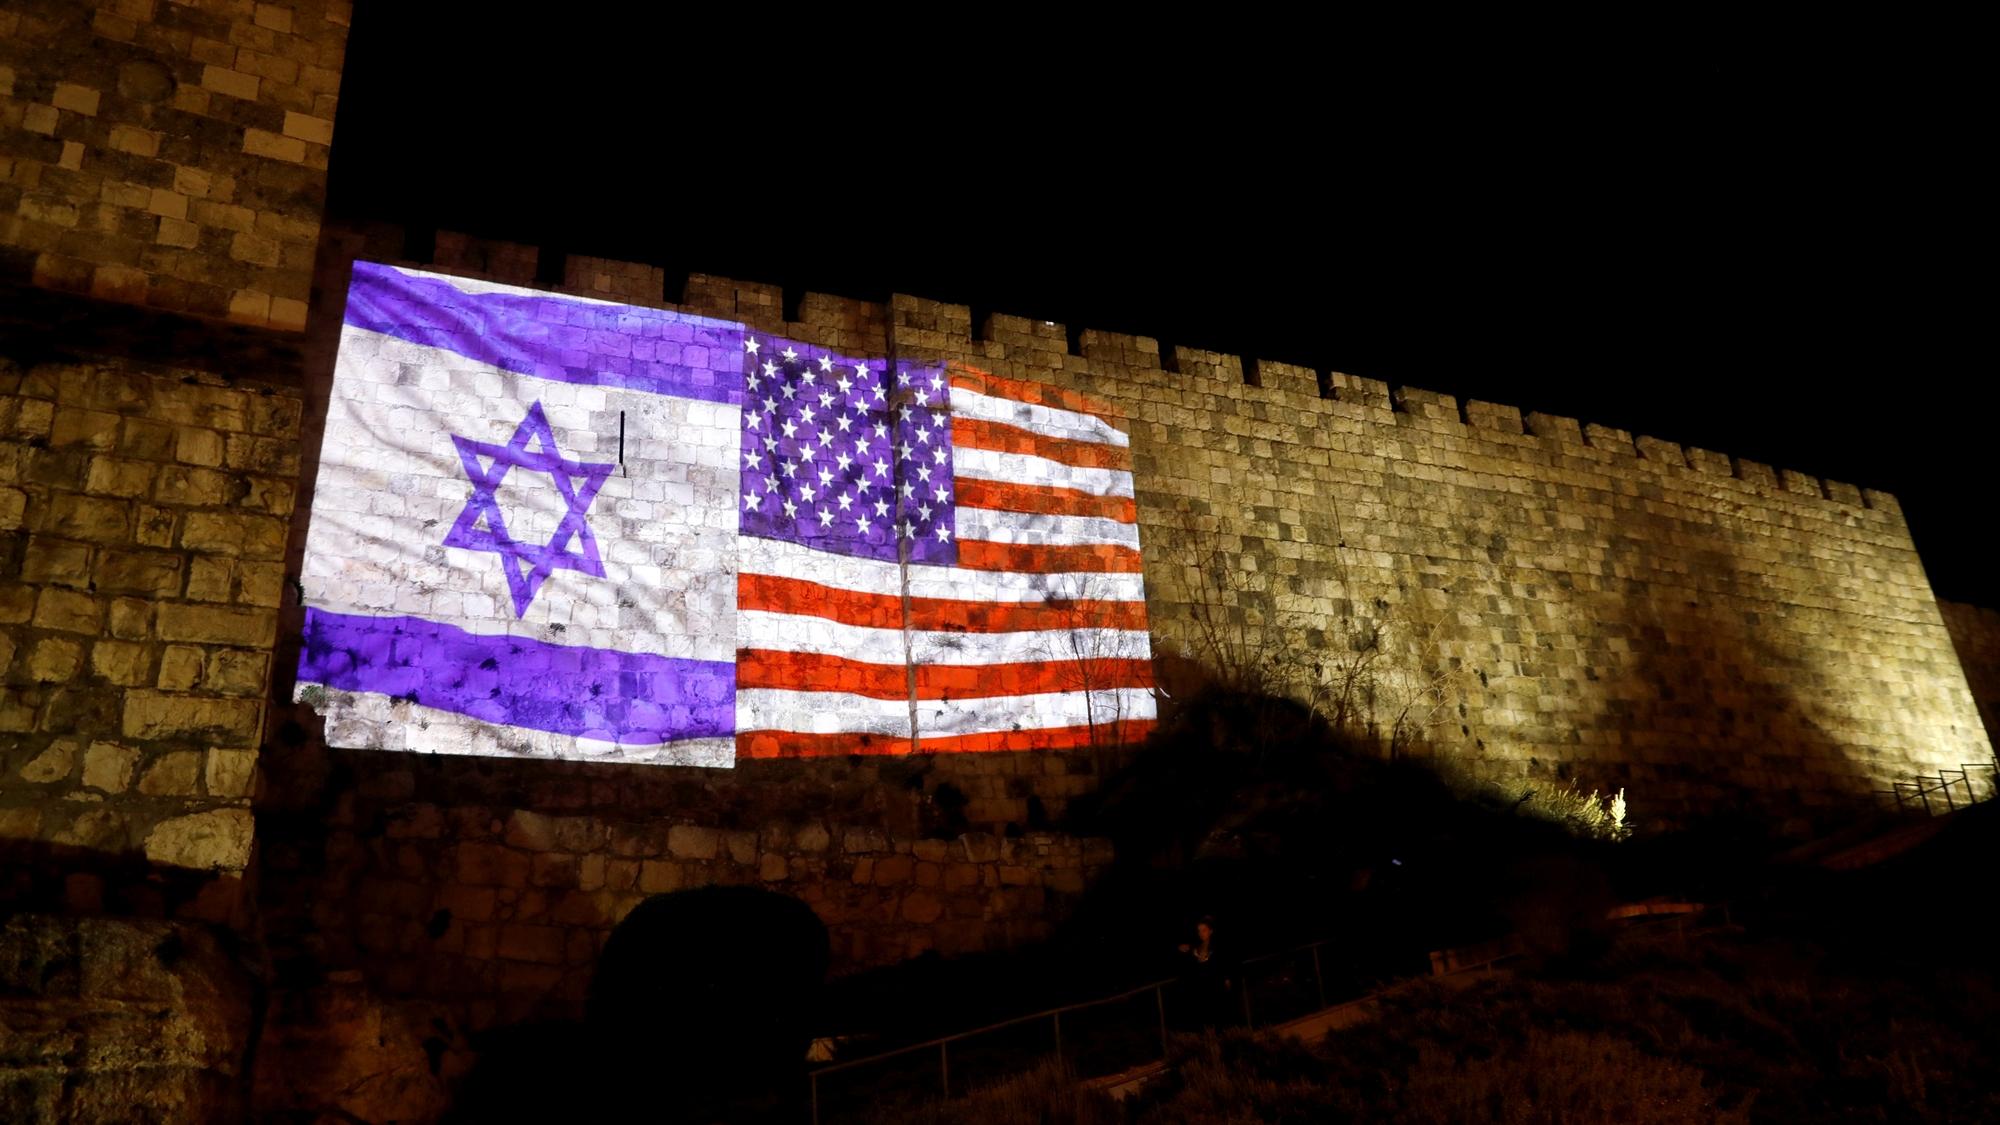 Estados Unidos abrirá su embajada en Jerusalén en mayo